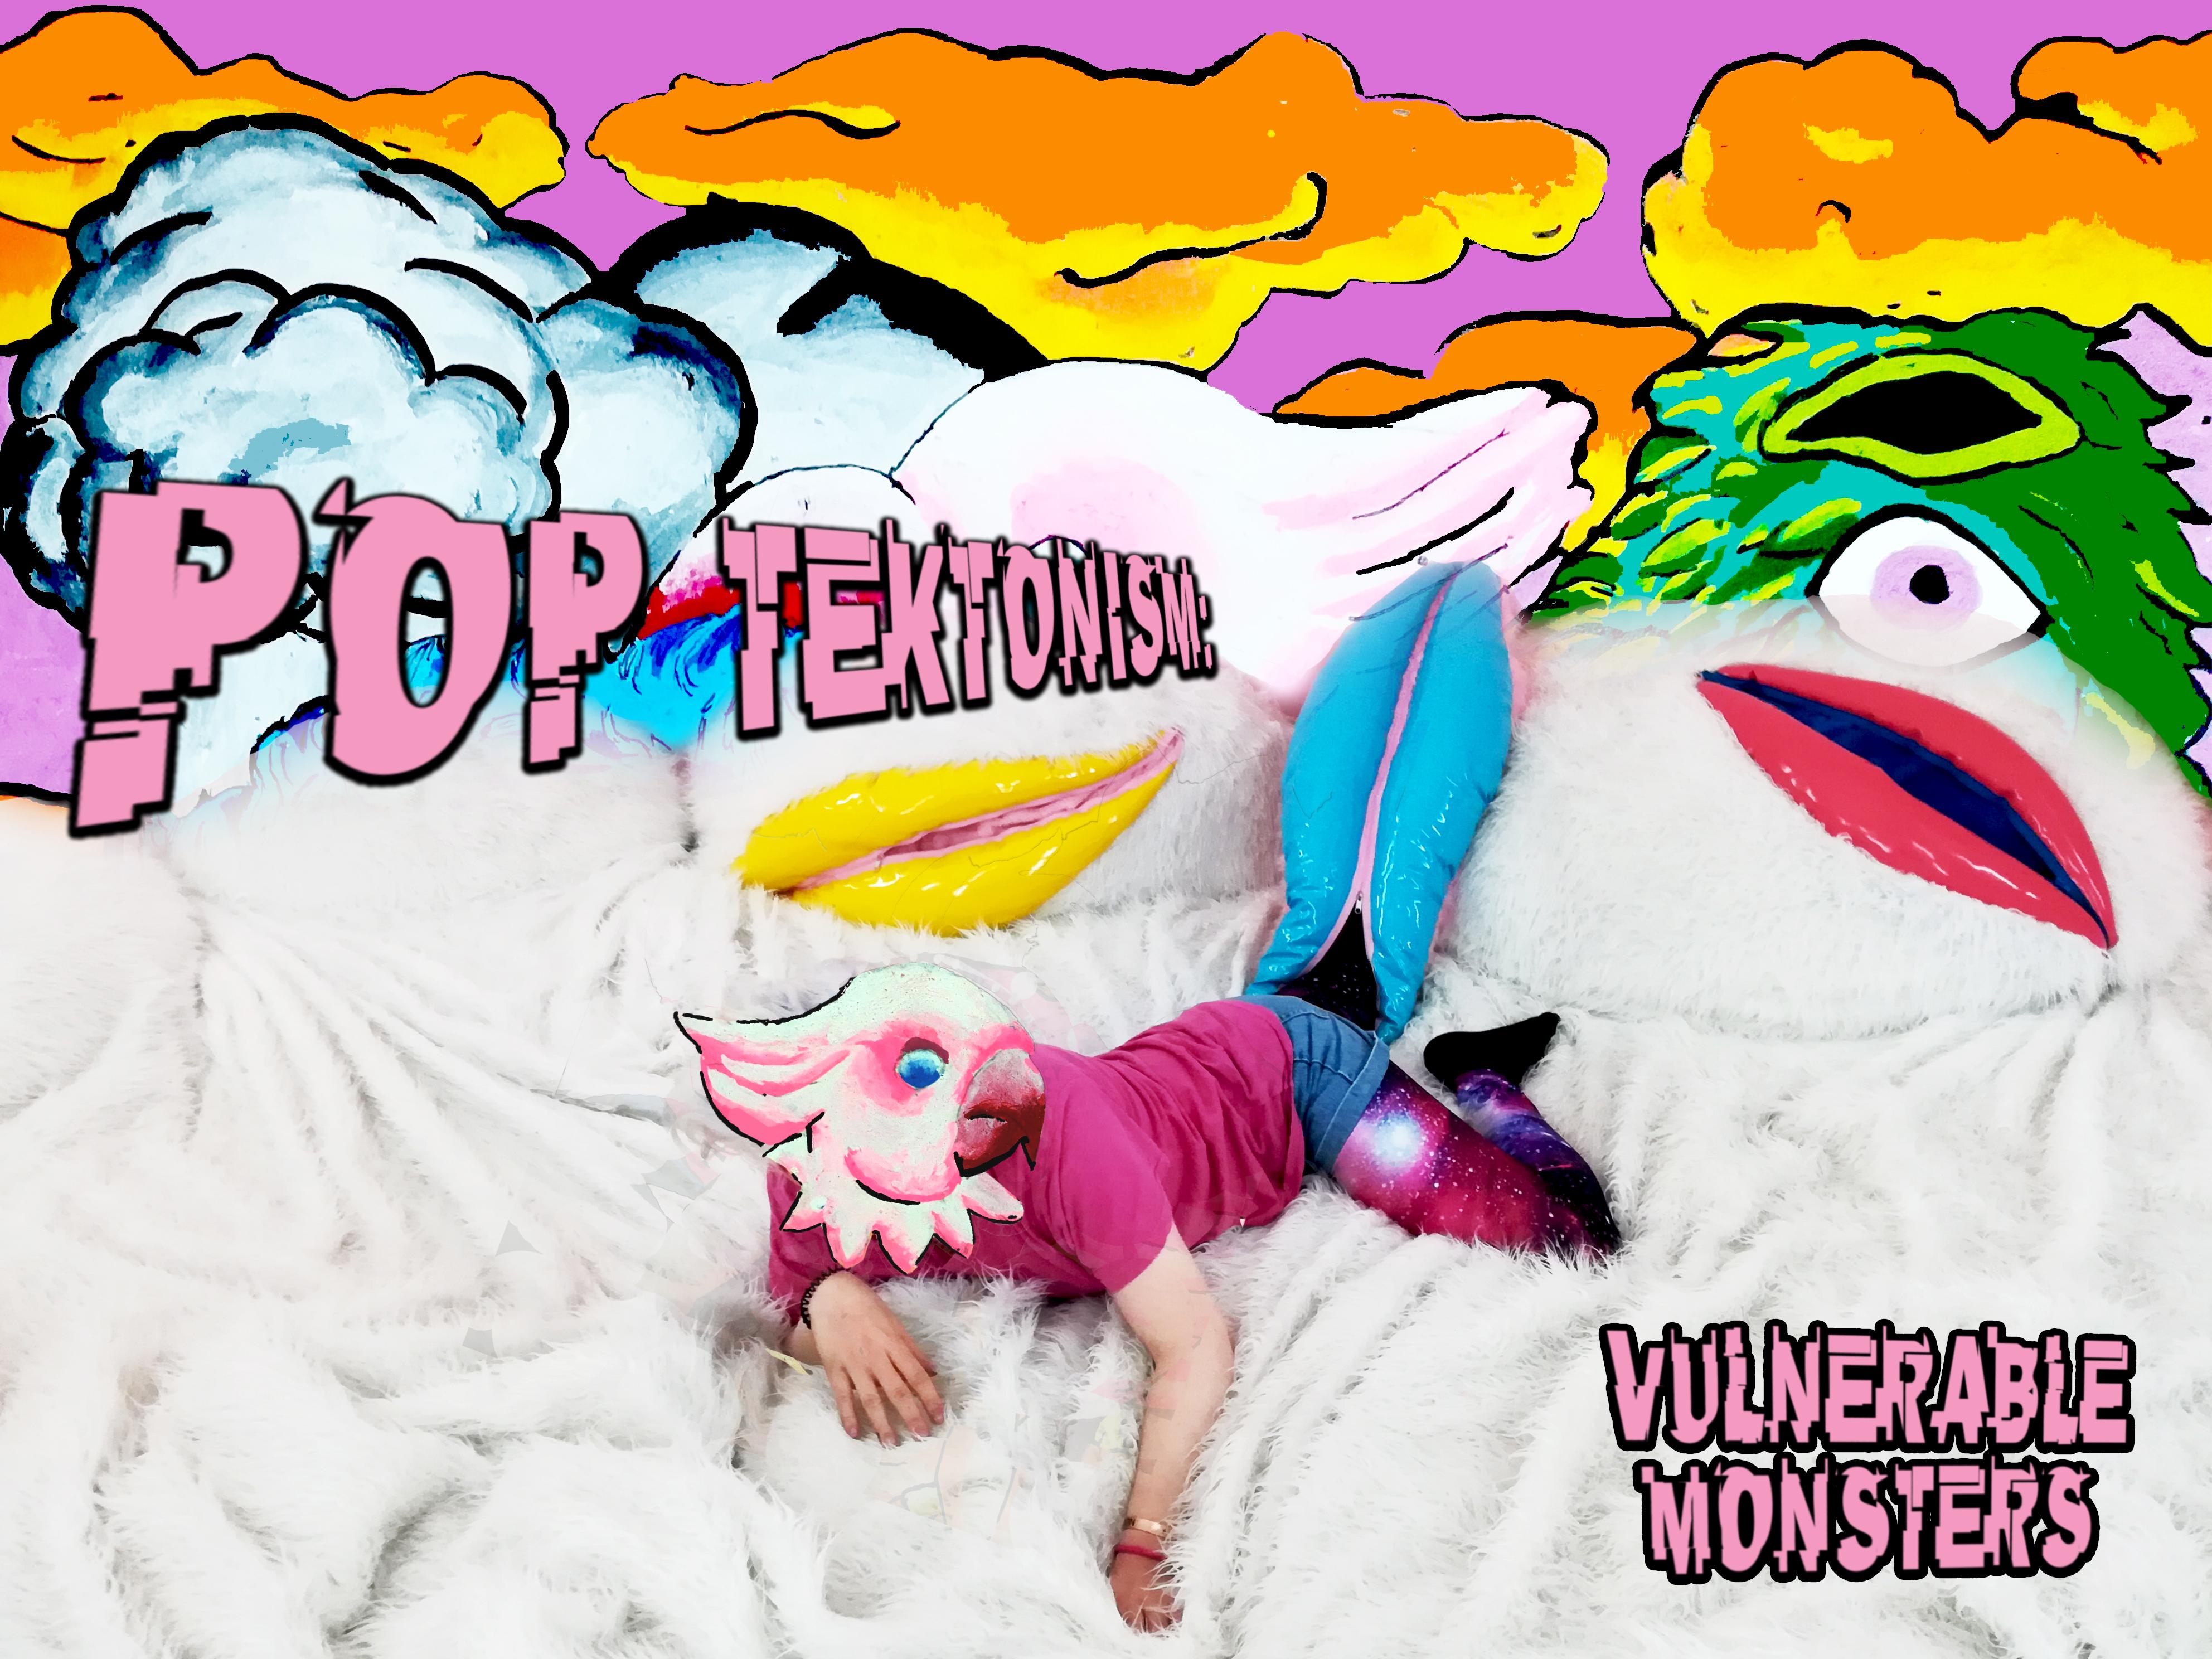 vulnerable_monsters_photo_credits_stella_mouzi